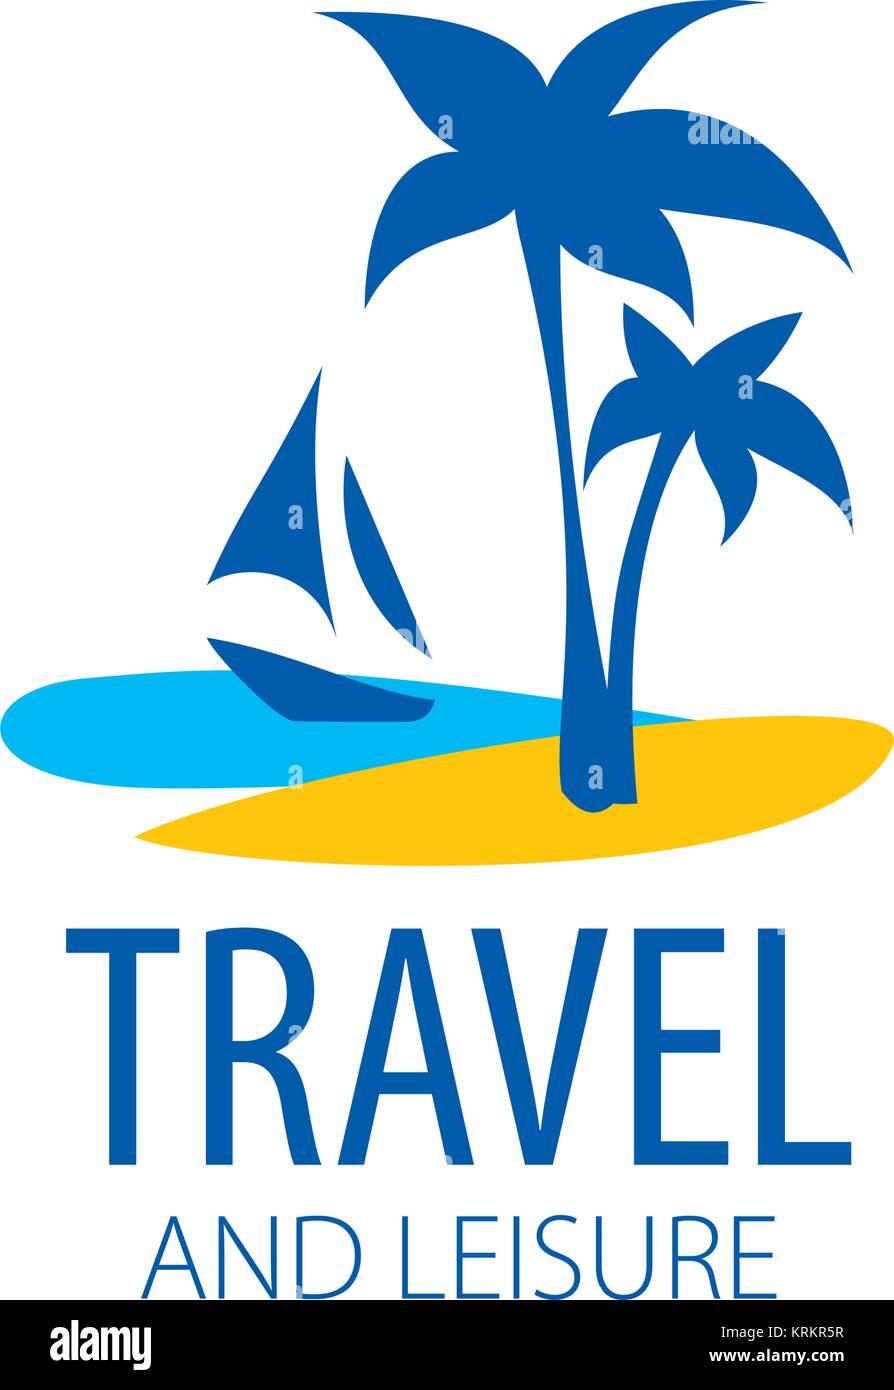 travel agency logo stock photos amp travel agency logo stock